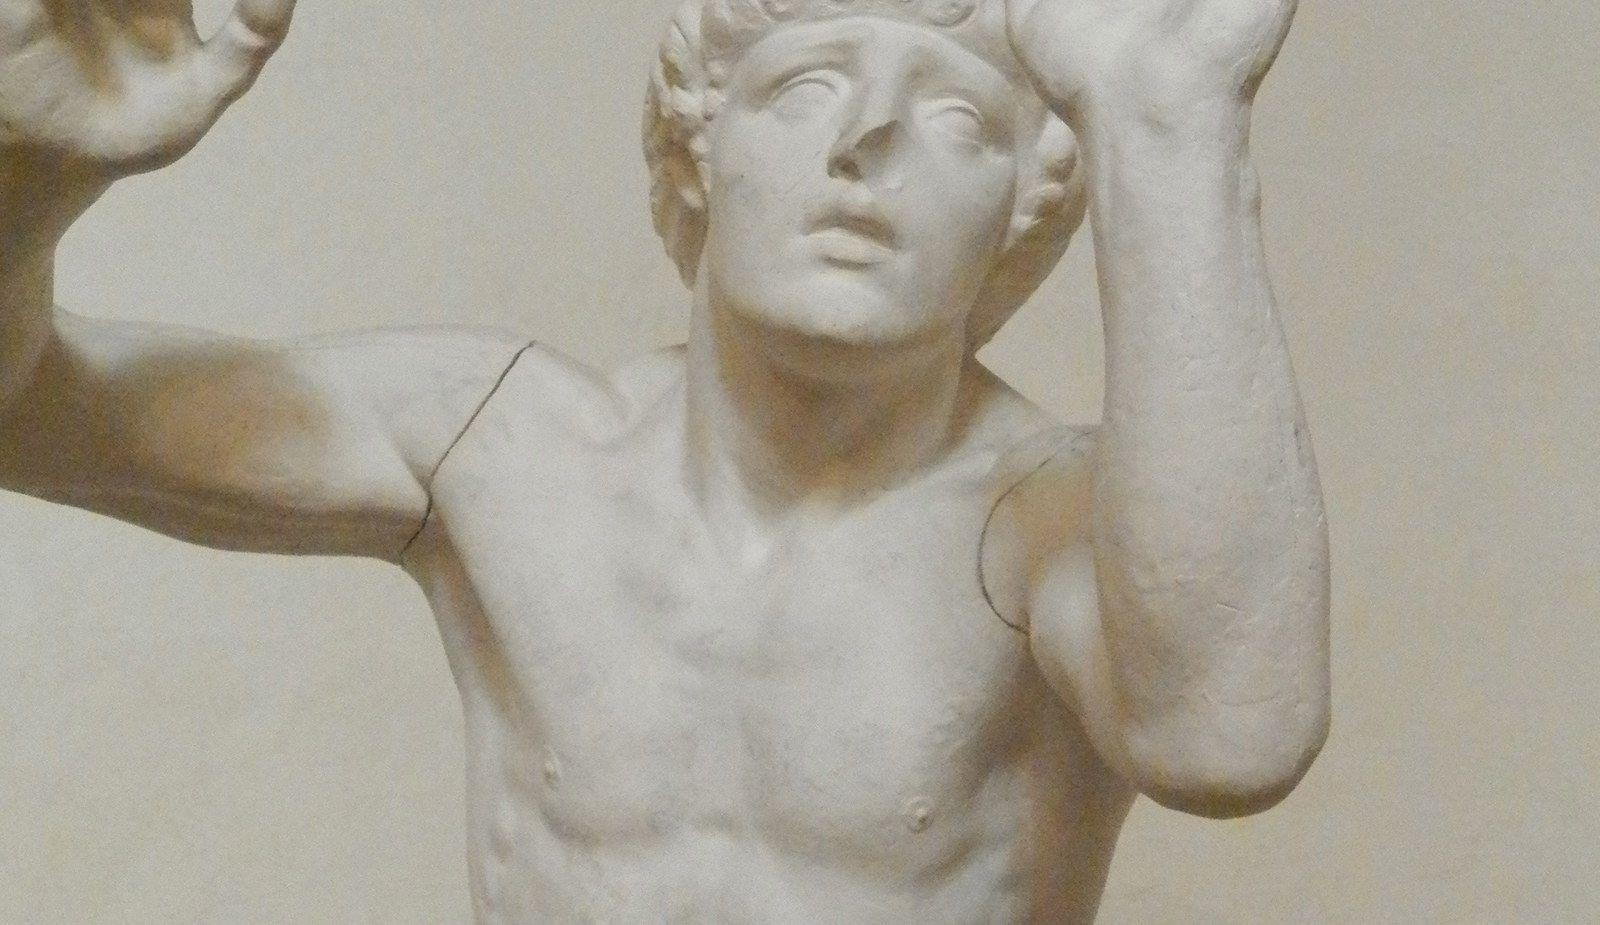 Étude de sculpture platre